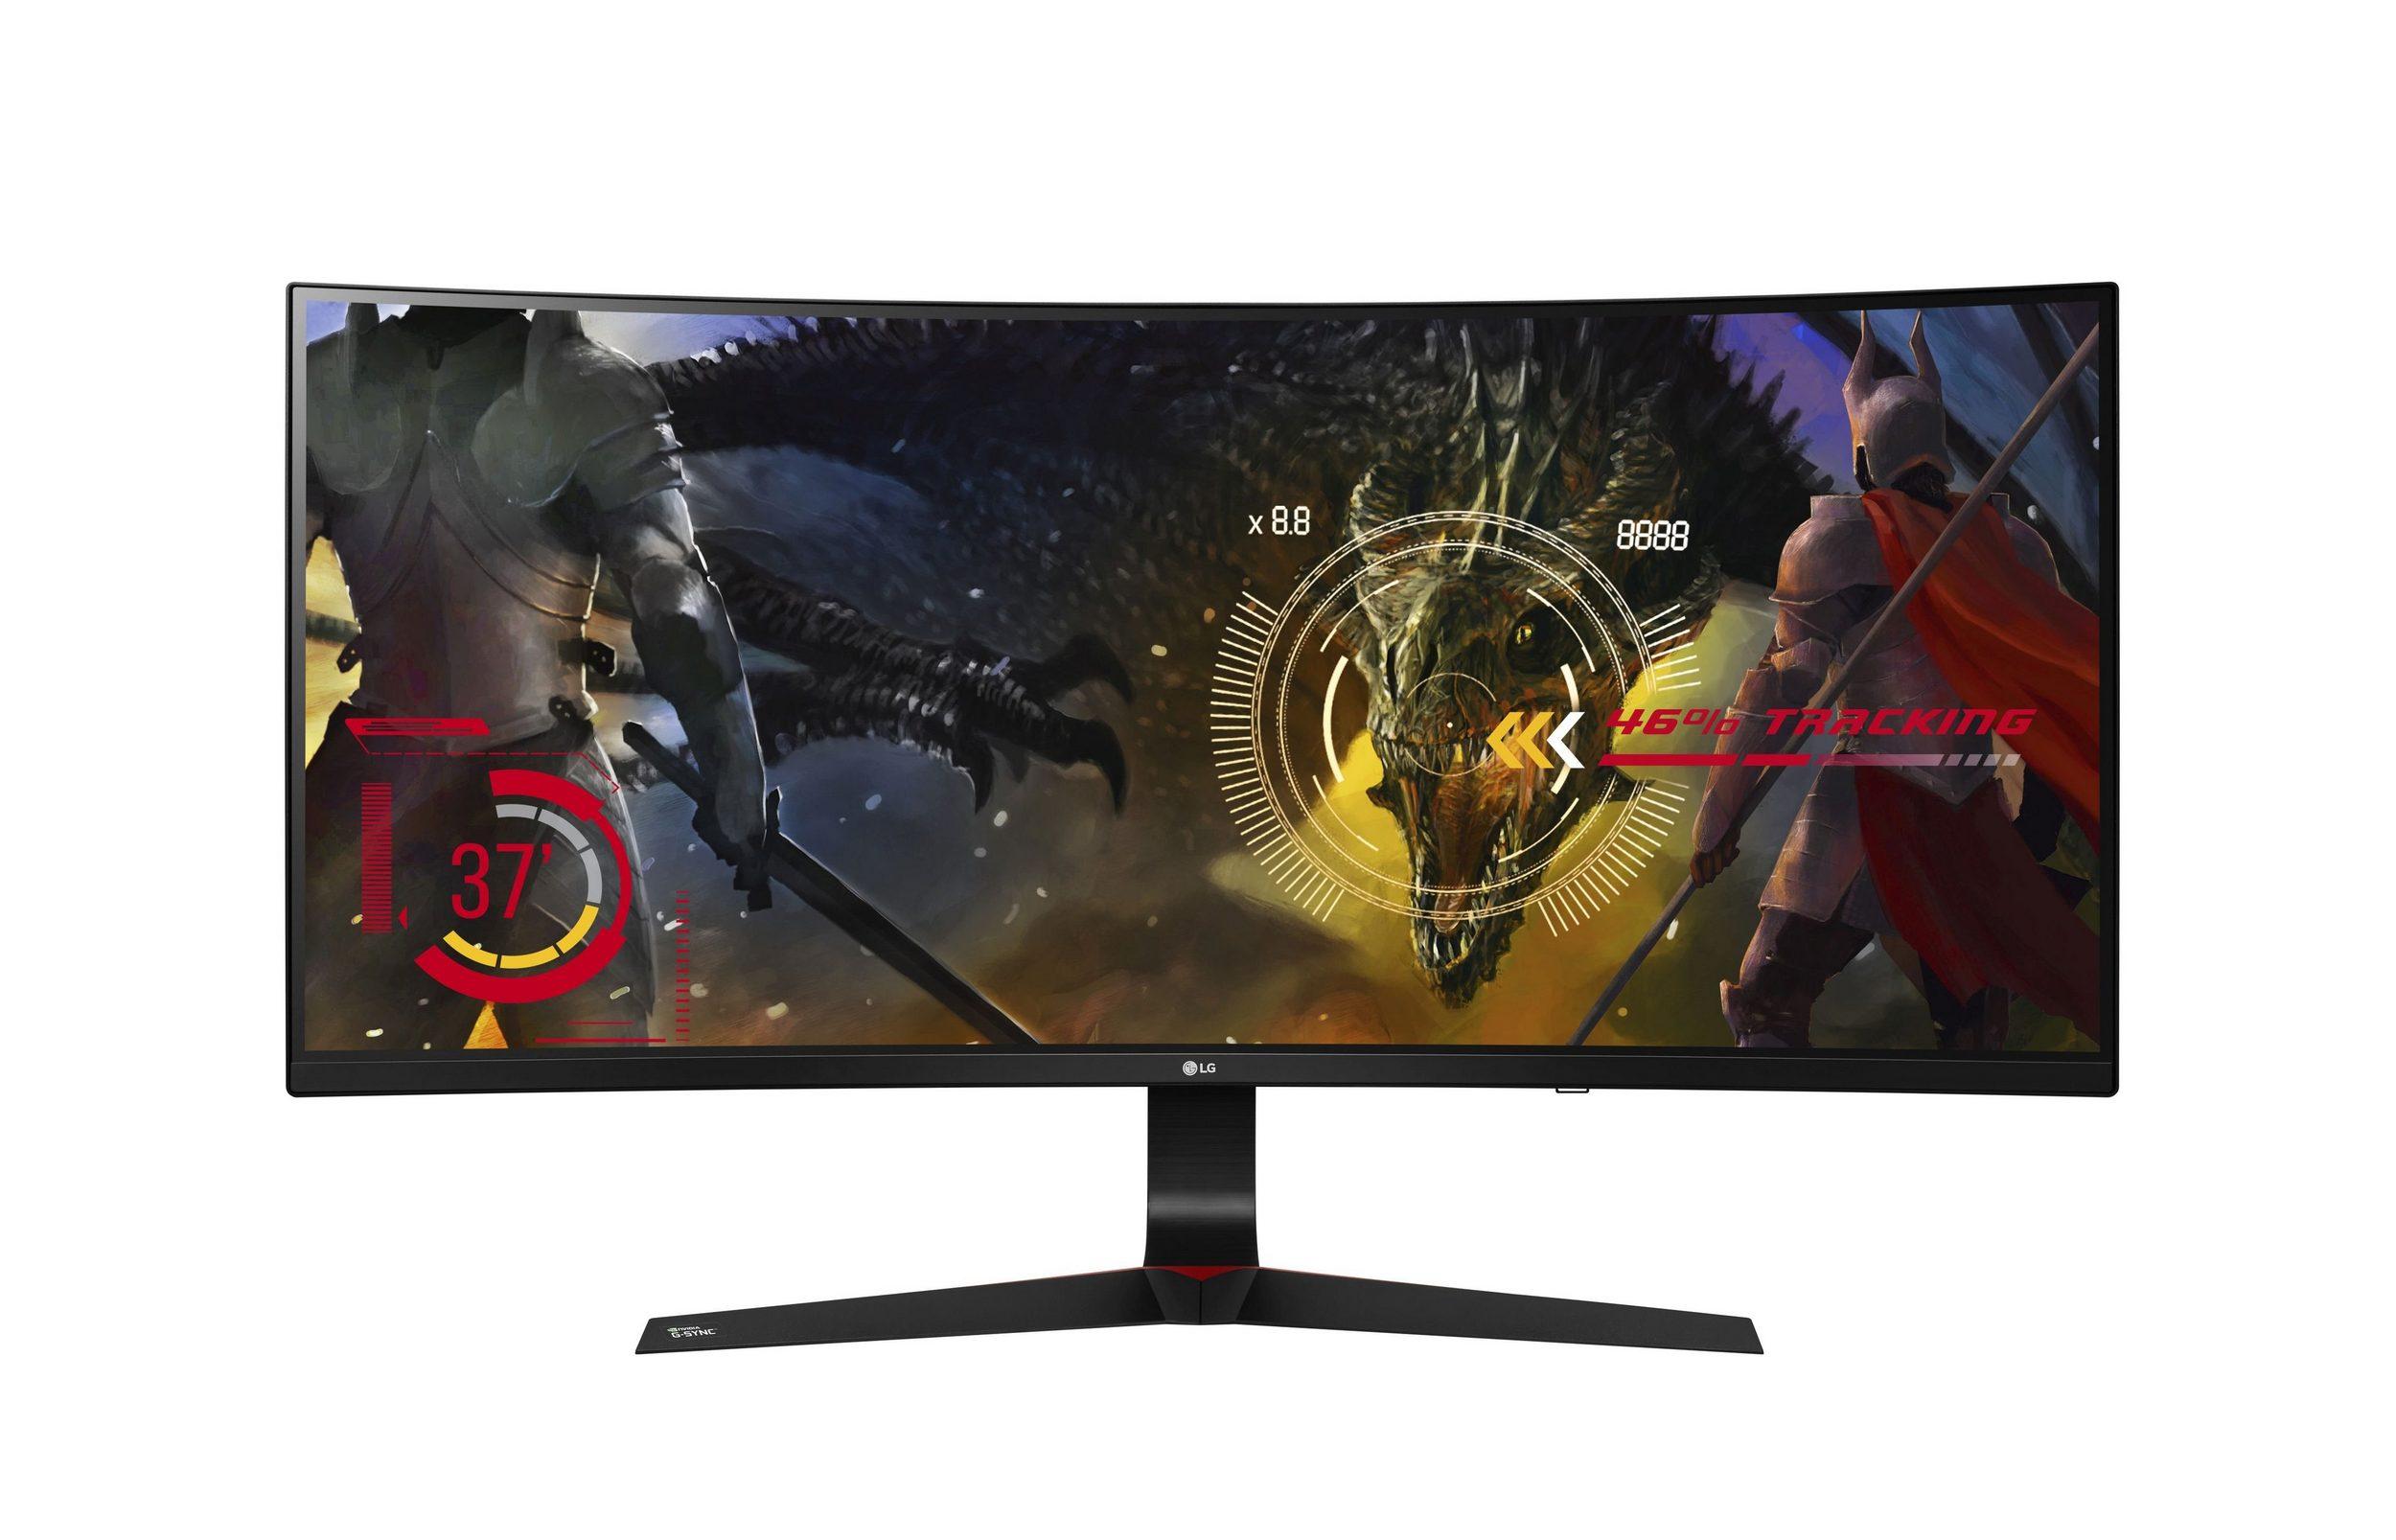 """34"""" Monitor LG 34UC89G - Curved UltraWide, 2560 x 1080 IPS, 144Hz, G-Sync + Farcry 5; ab 509 EUR möglich"""